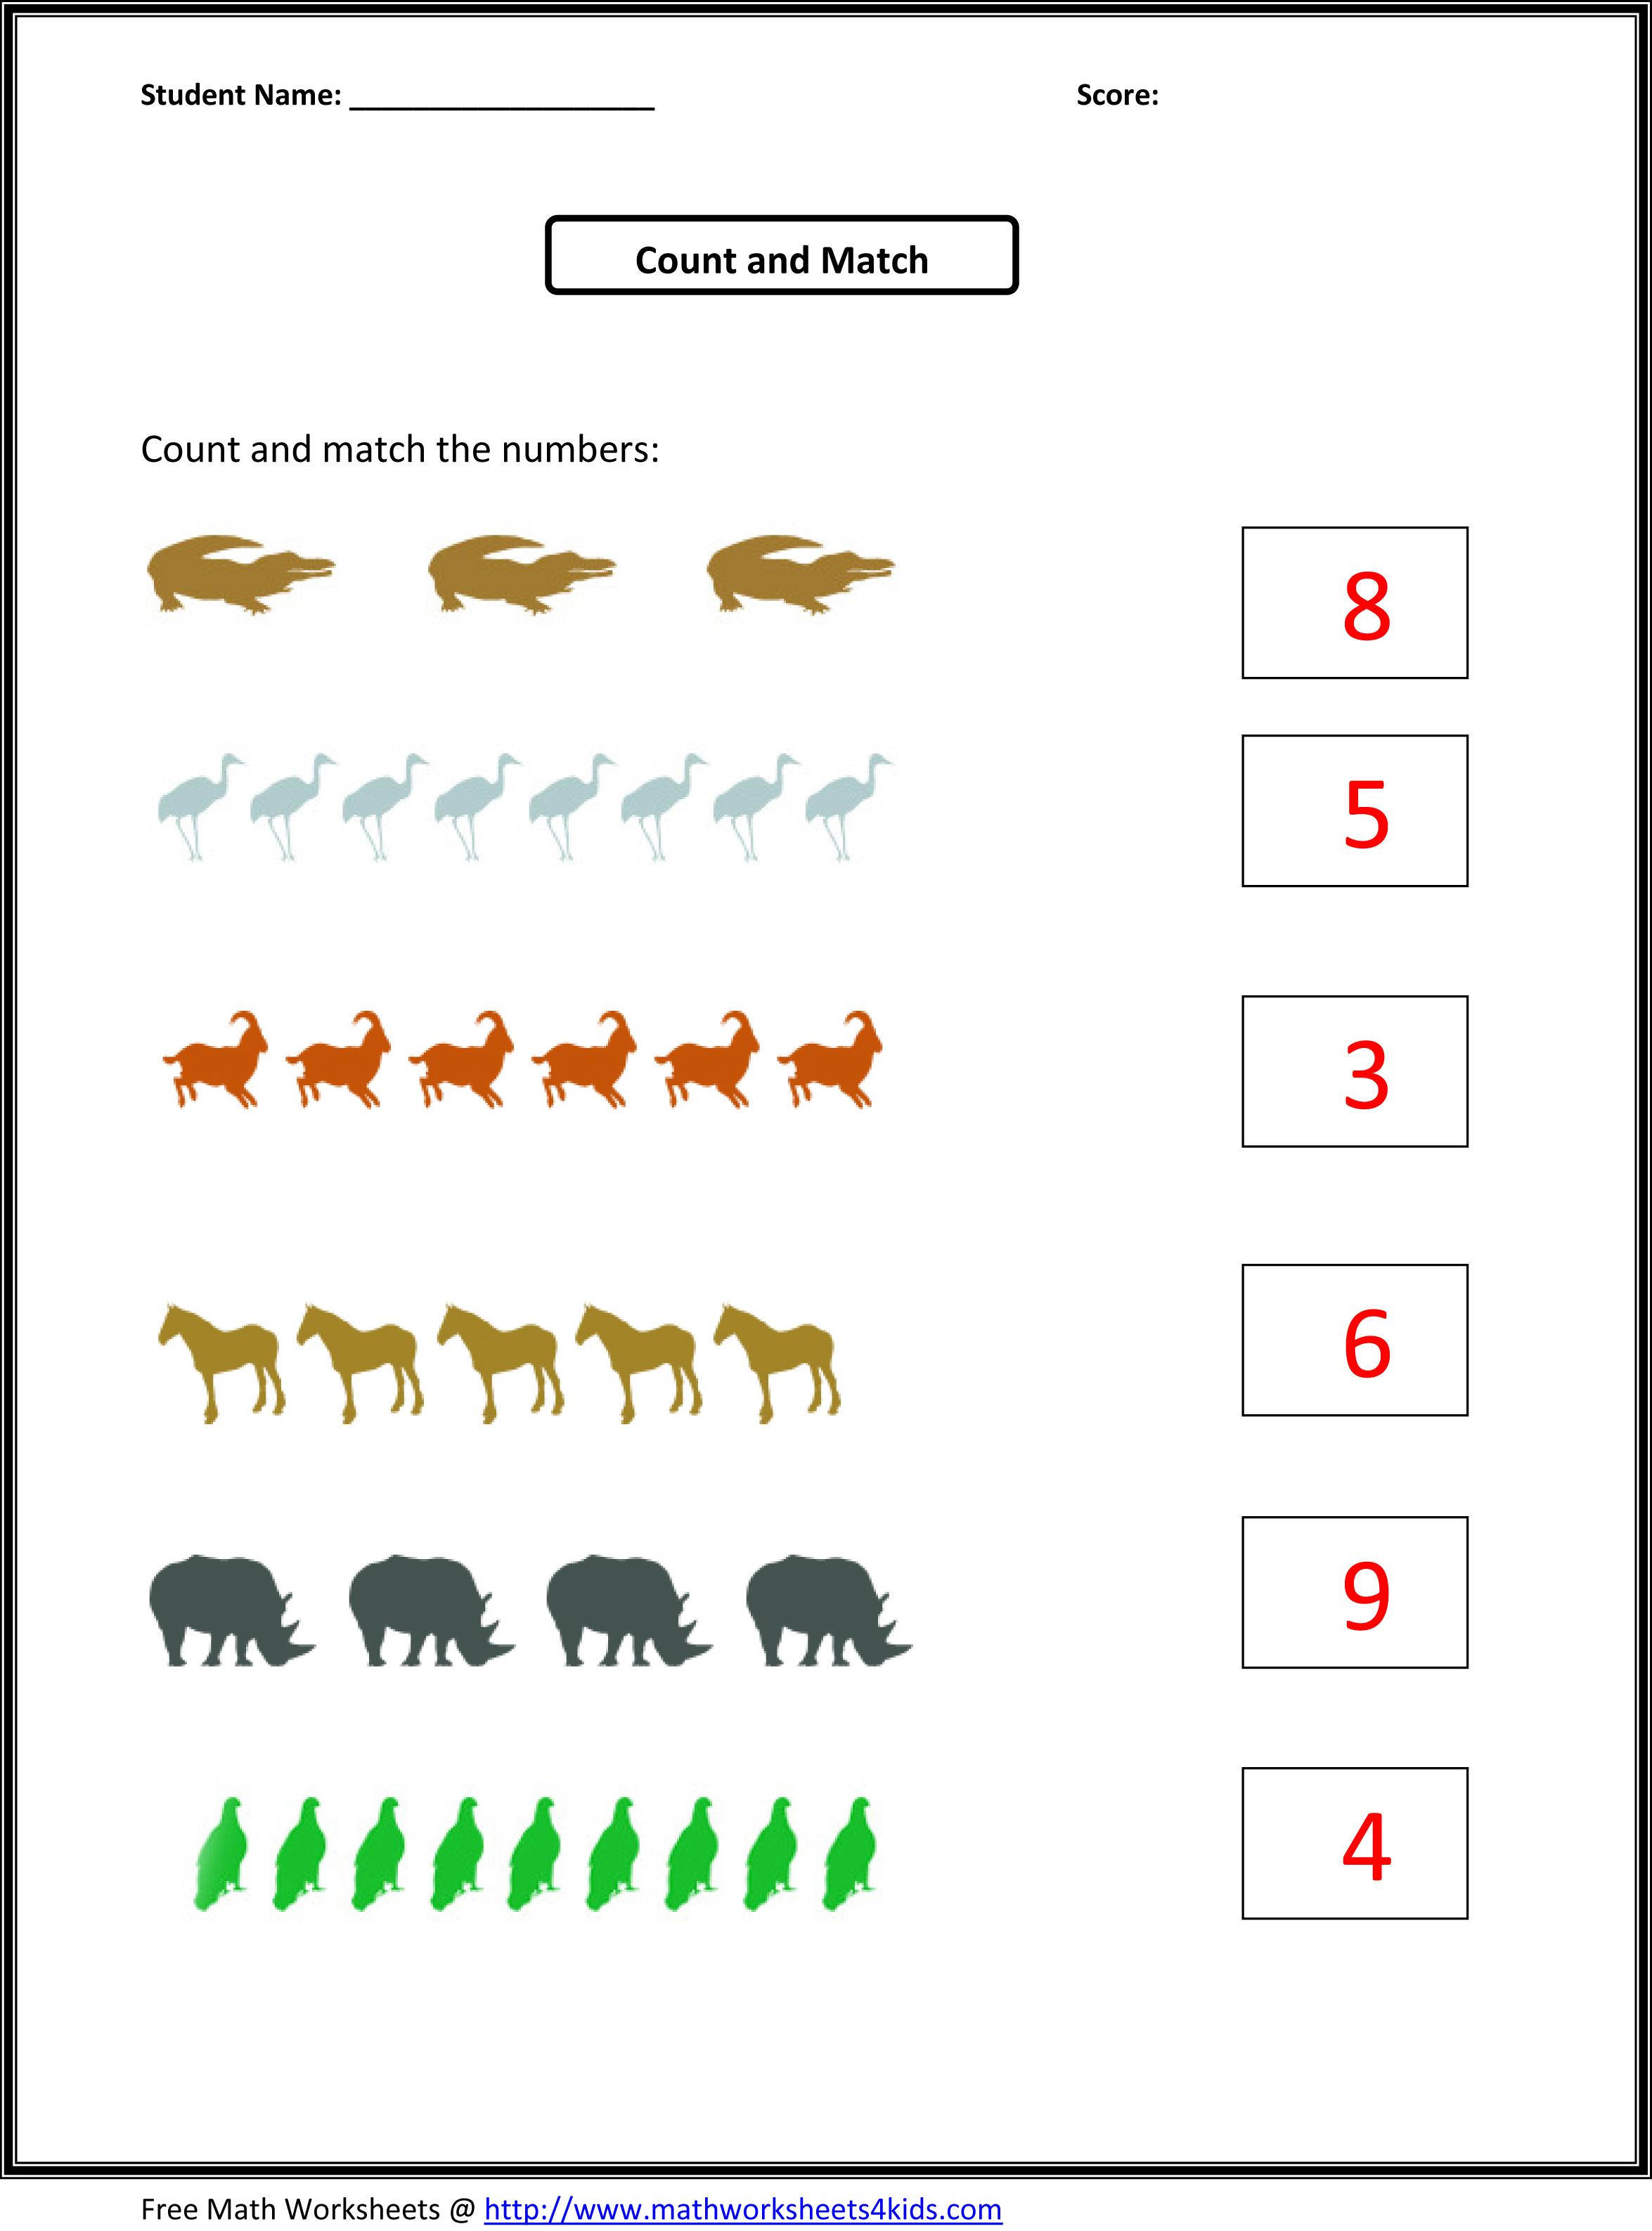 Number Counting Worksheets for Kindergarten